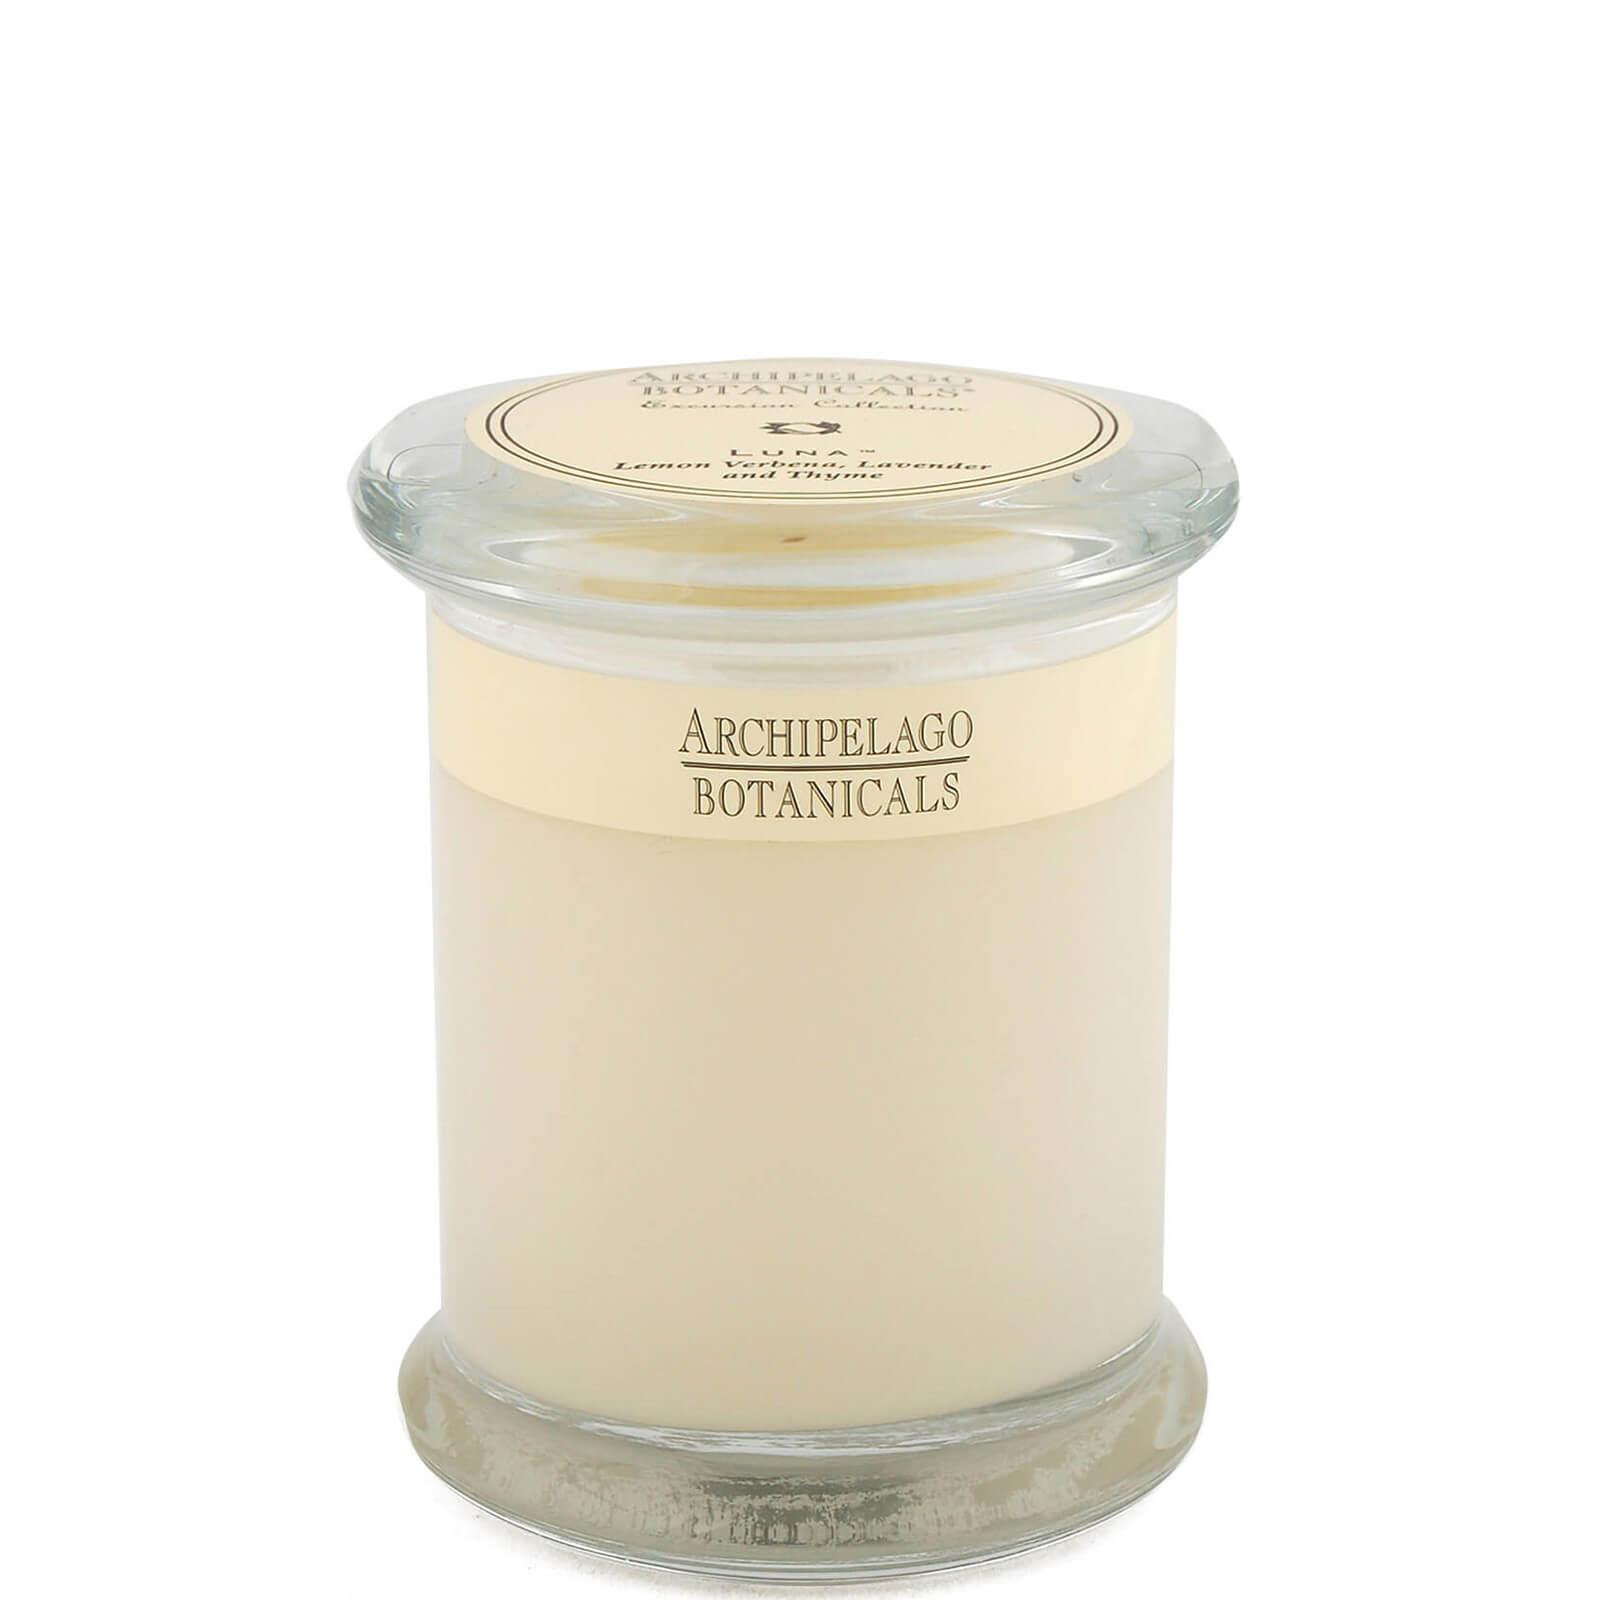 Купить Декоративная ароматическая свеча в стеклянной баночкеArchipelago Botanicals Excursions Jar Luna Candle 244г